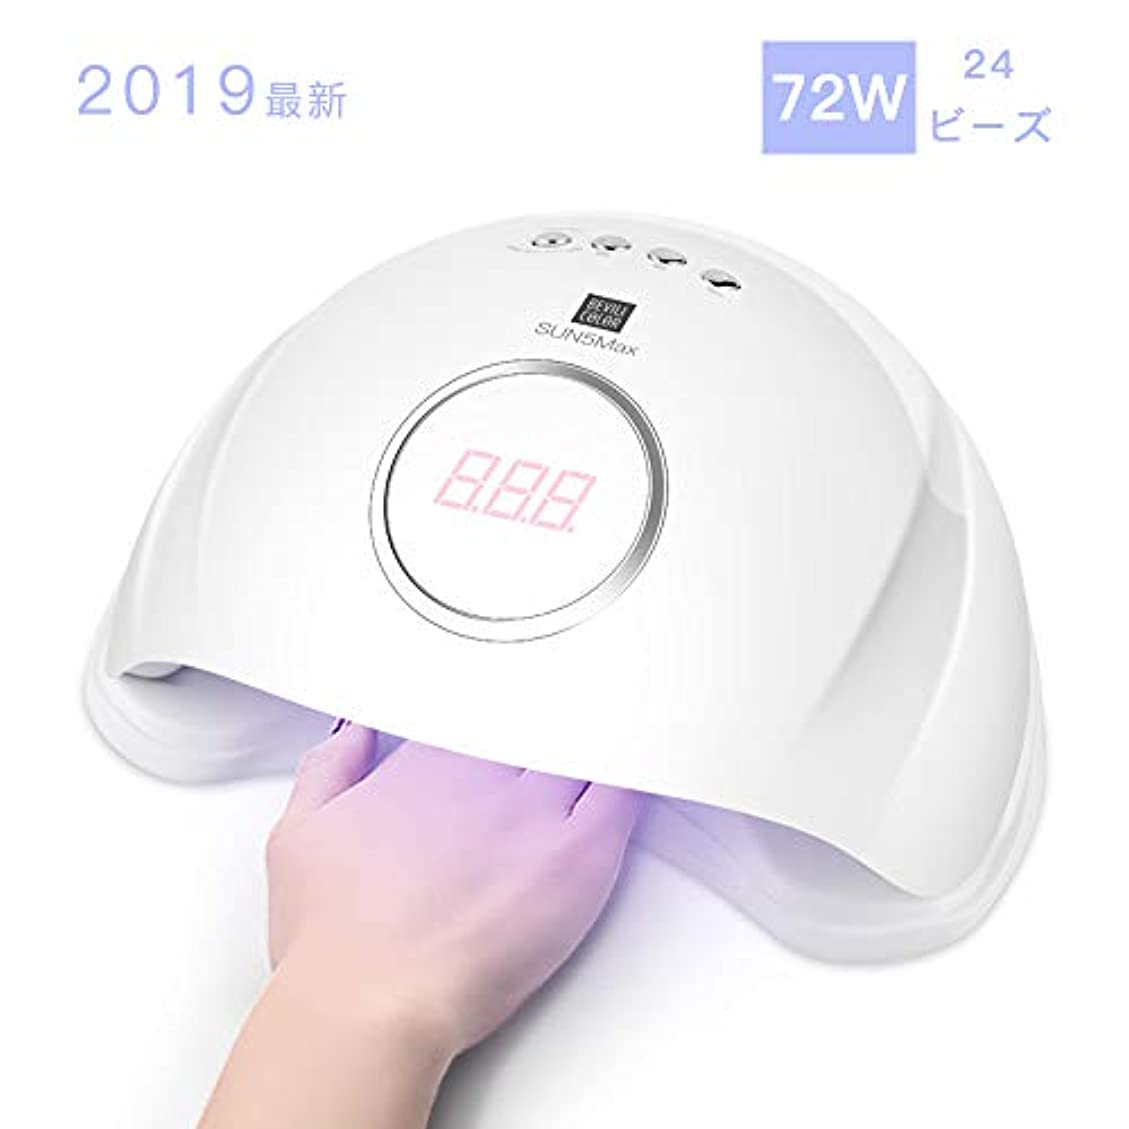 動脈追い払う分析的LED 硬化用UVライト ネイル レジン ネイルドライヤー マニキュア用ジェルネイル ネイル 人感センサー 108W ハイパワー ジェルネイルライト赤外線検知 自動センサー